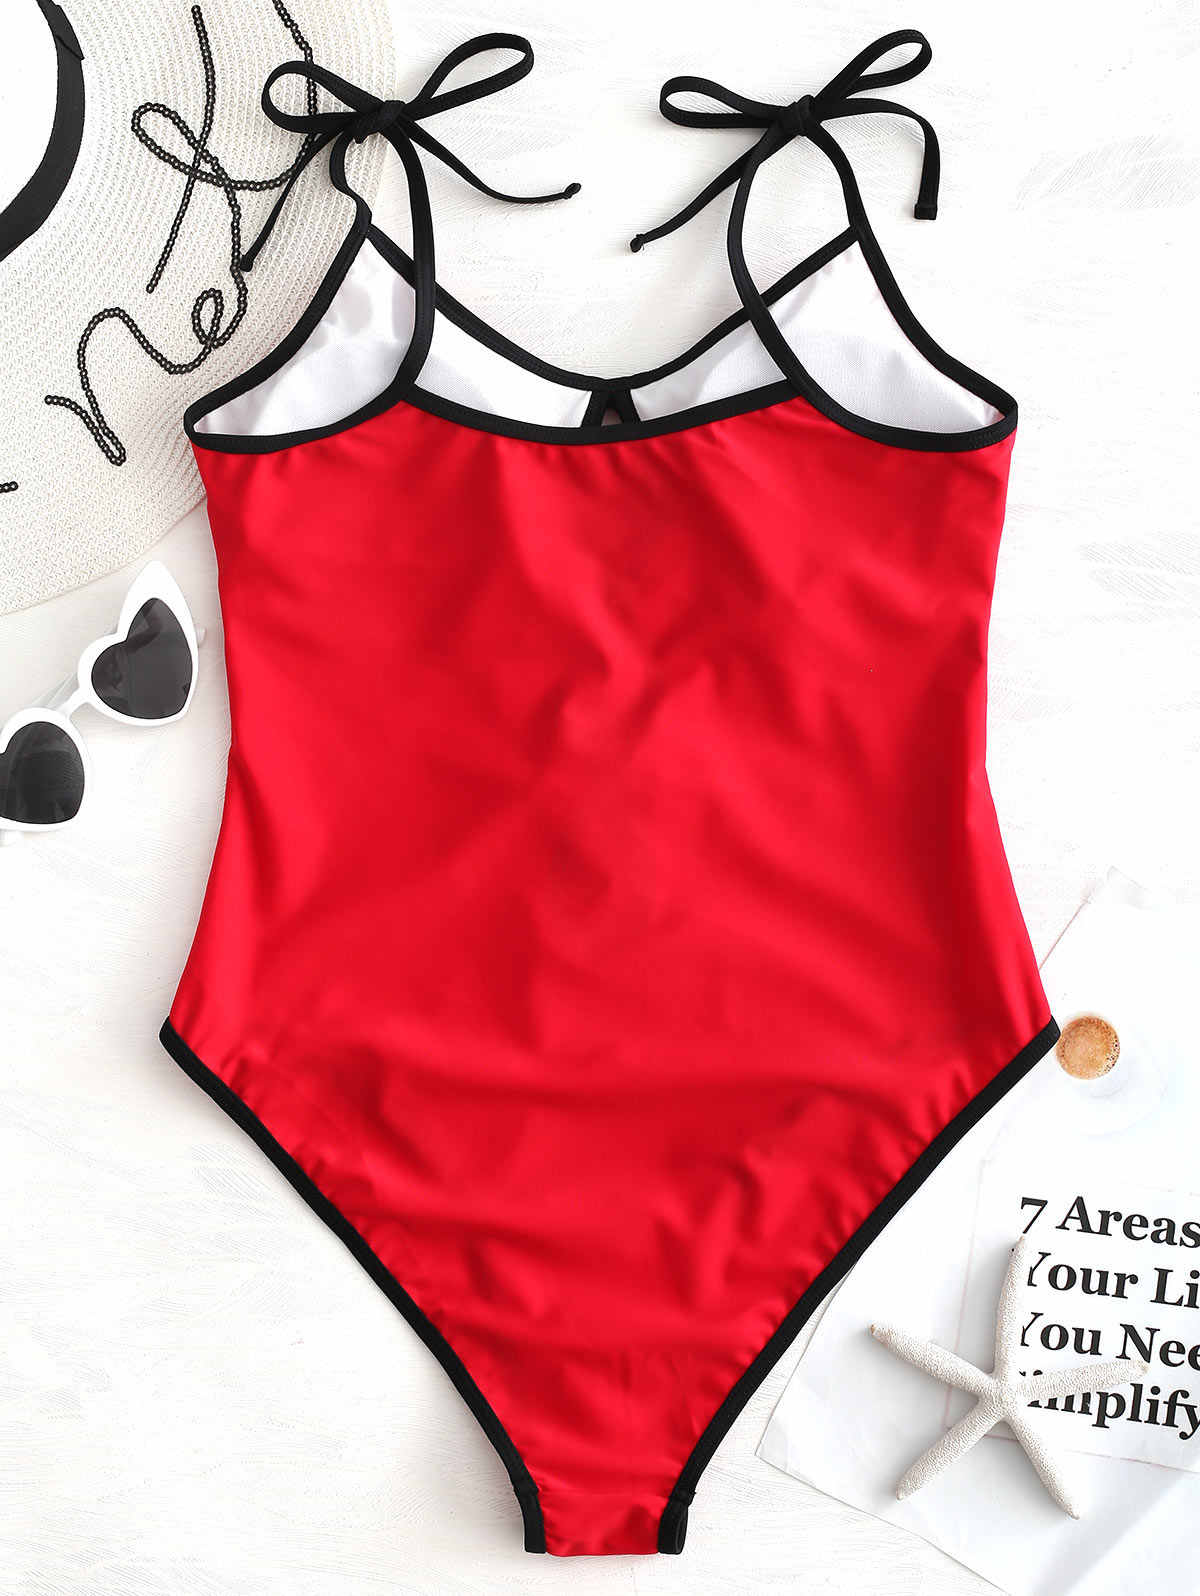 ZAFUL czarny i czerwony Colorblock jedno ramię jednoczęściowy strój kąpielowy kobiety stroje kąpielowe wiązanej łuk Monokini stroje kąpielowe strój kąpielowy bikini 2019 Mujer